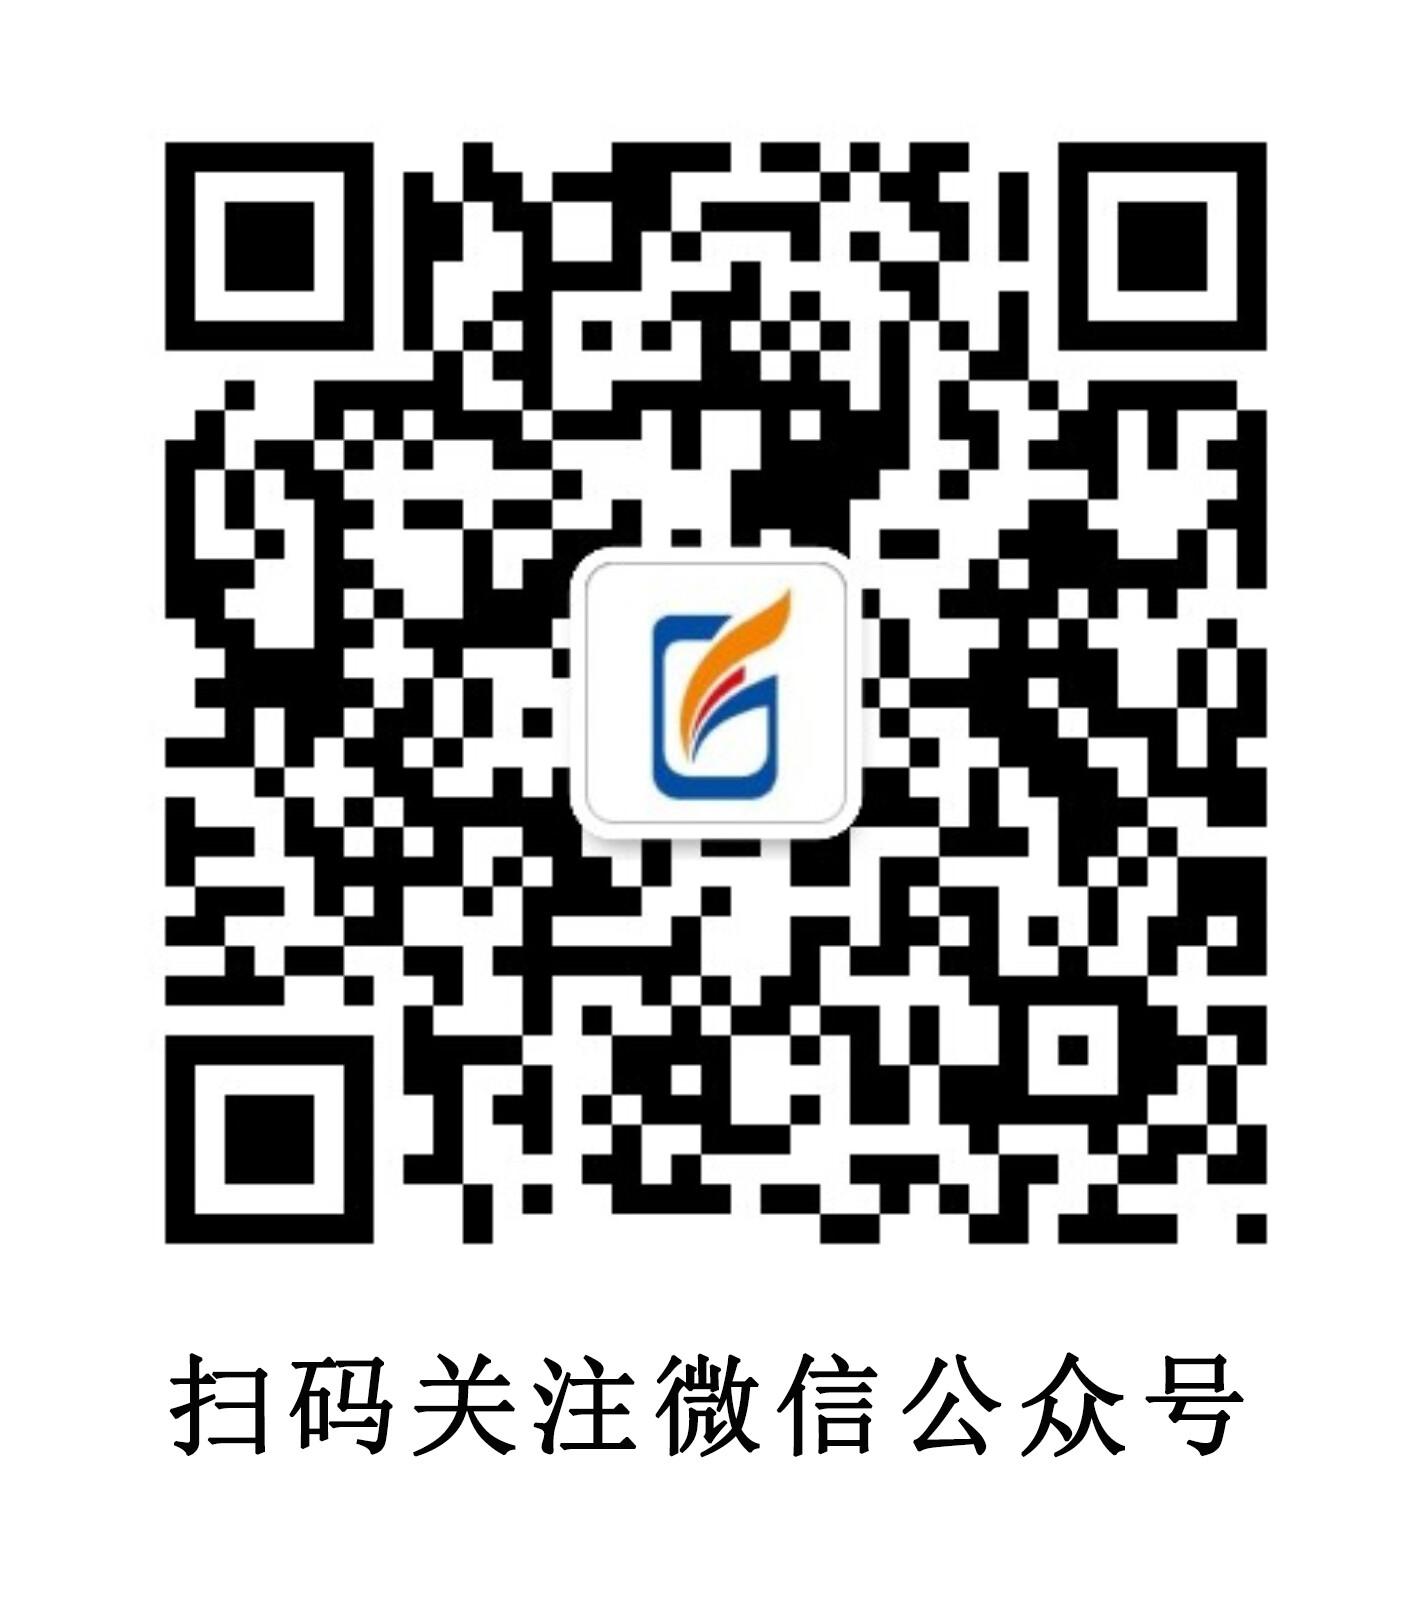 2021年珠海高新区(唐家湾镇)文化中心招聘合同制职员公告